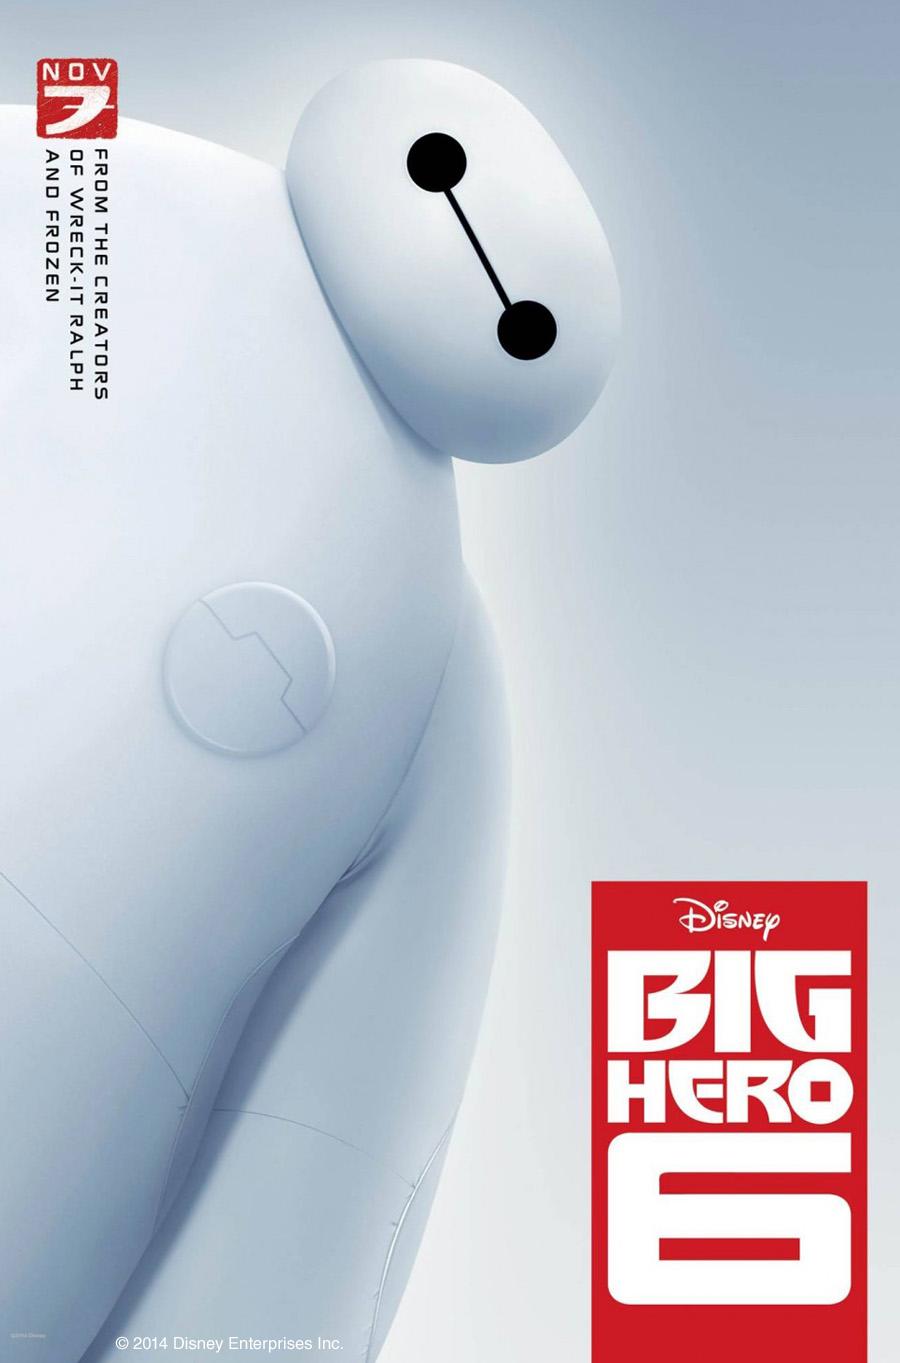 August 4th- Big Hero 6 (PG)